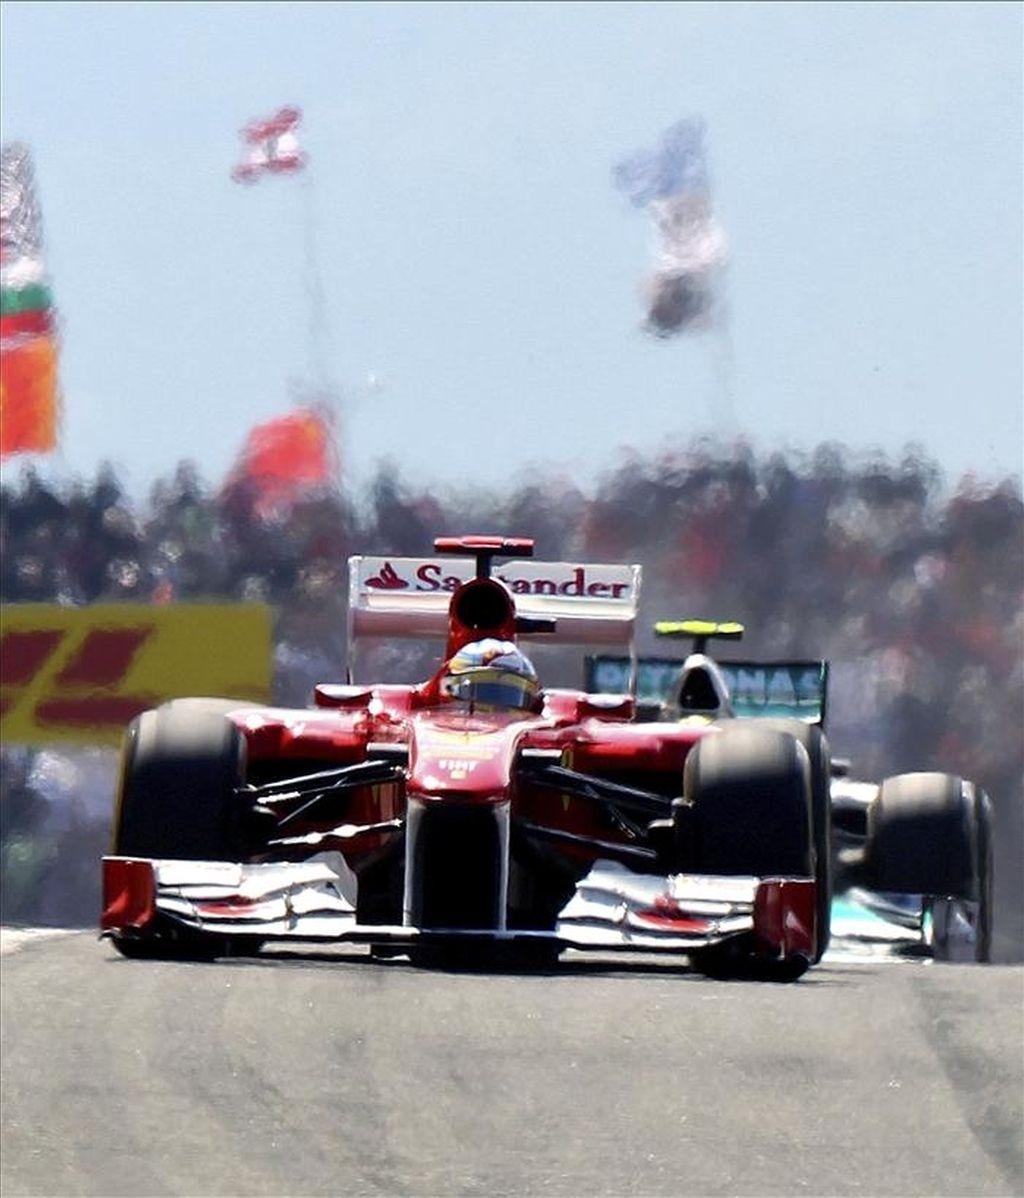 El piloto español Fernando Alonso, de la escudería Ferrari, conduce su monoplaza durante la celebración del Gran Premio de Fórmula Uno de Turquía en el circuito de Estambul este  domingo. EFE